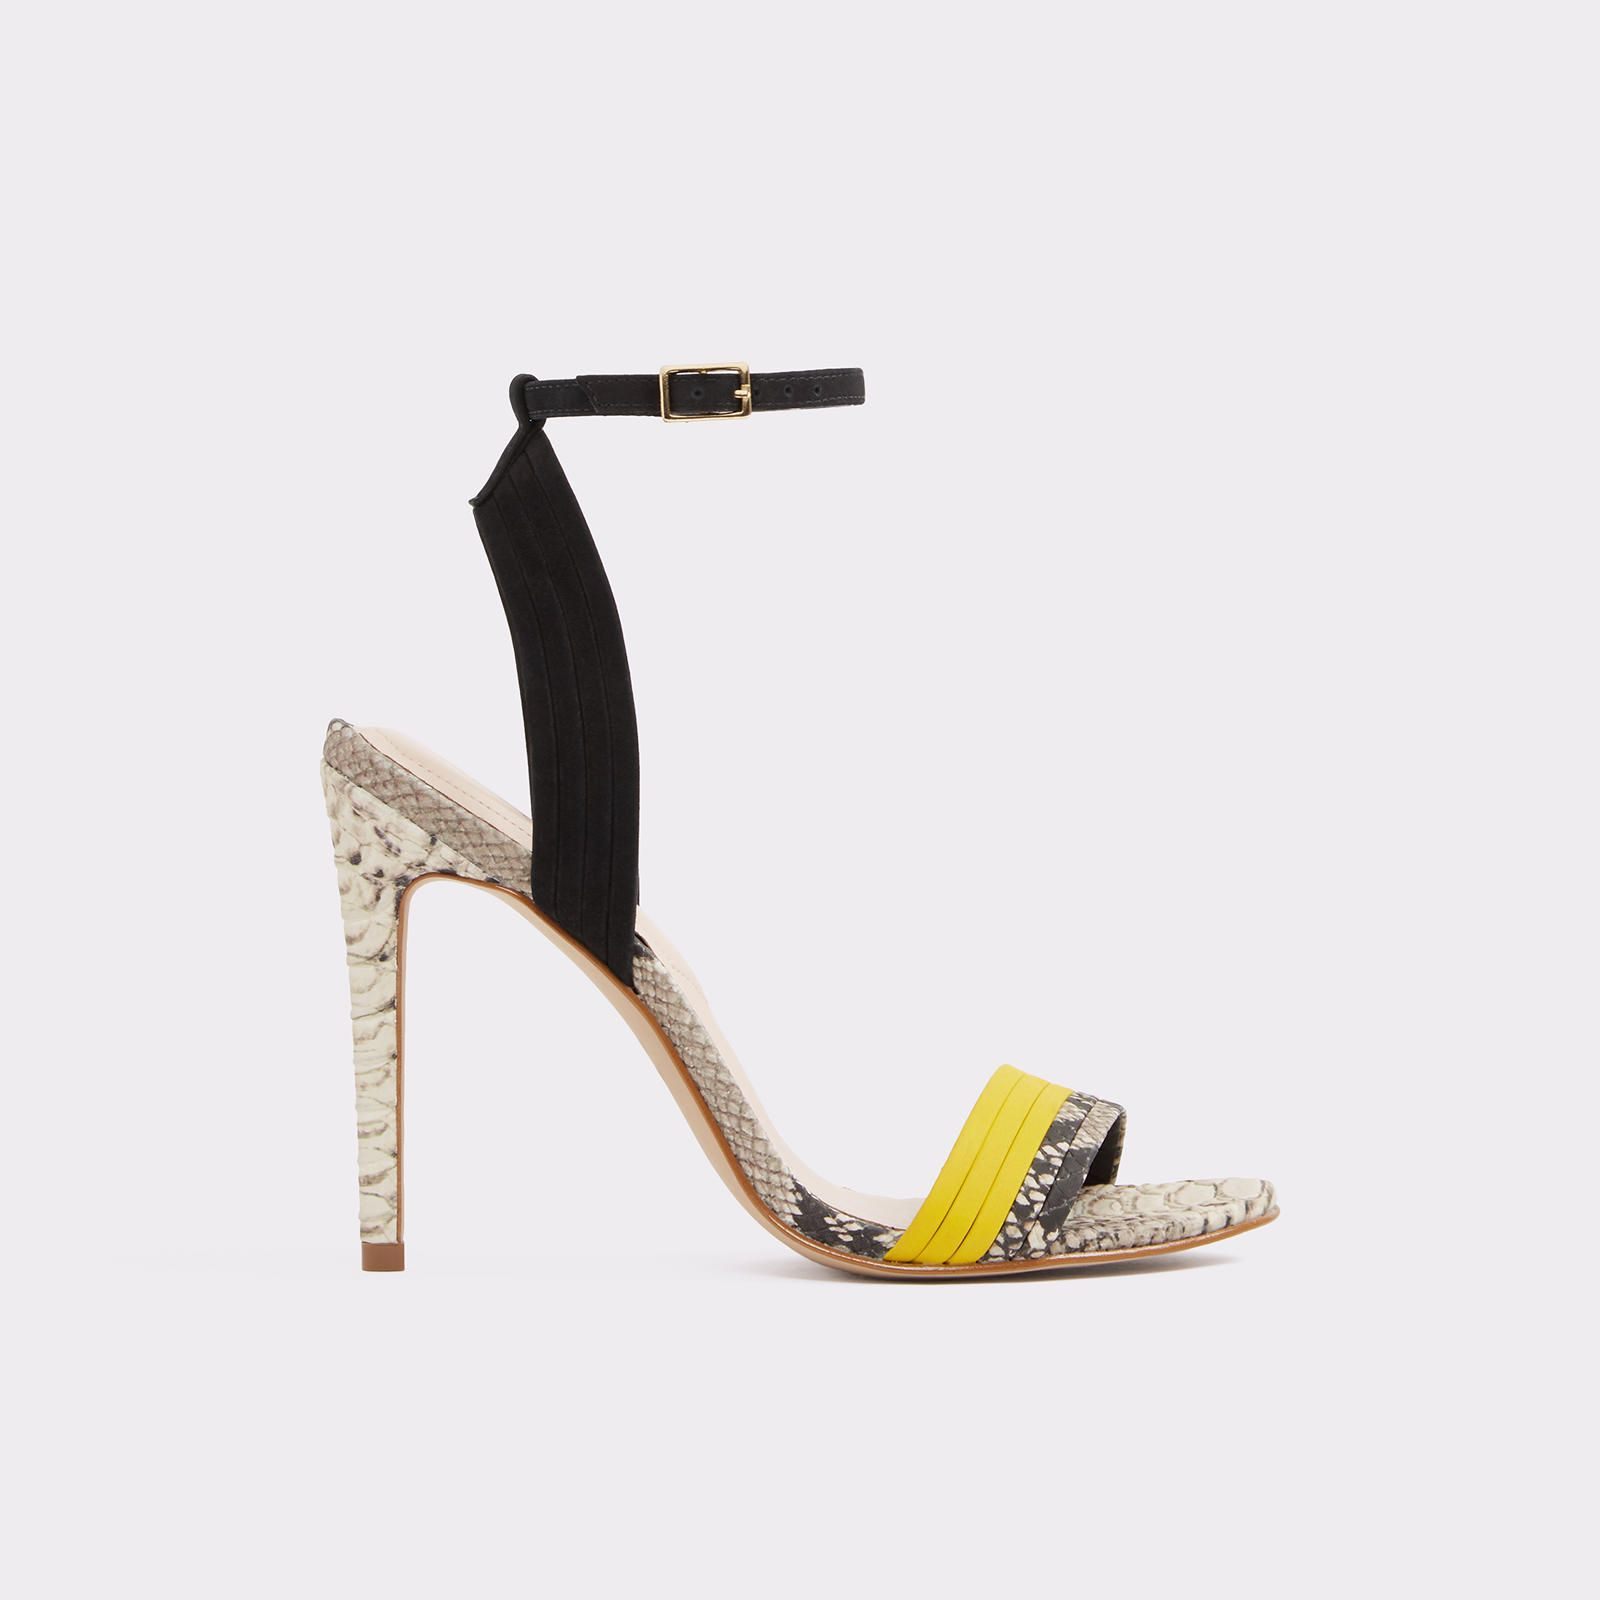 f0854b148 Kaenavia Mustard Women's Sandals | Aldoshoes.com US | Shoes ...